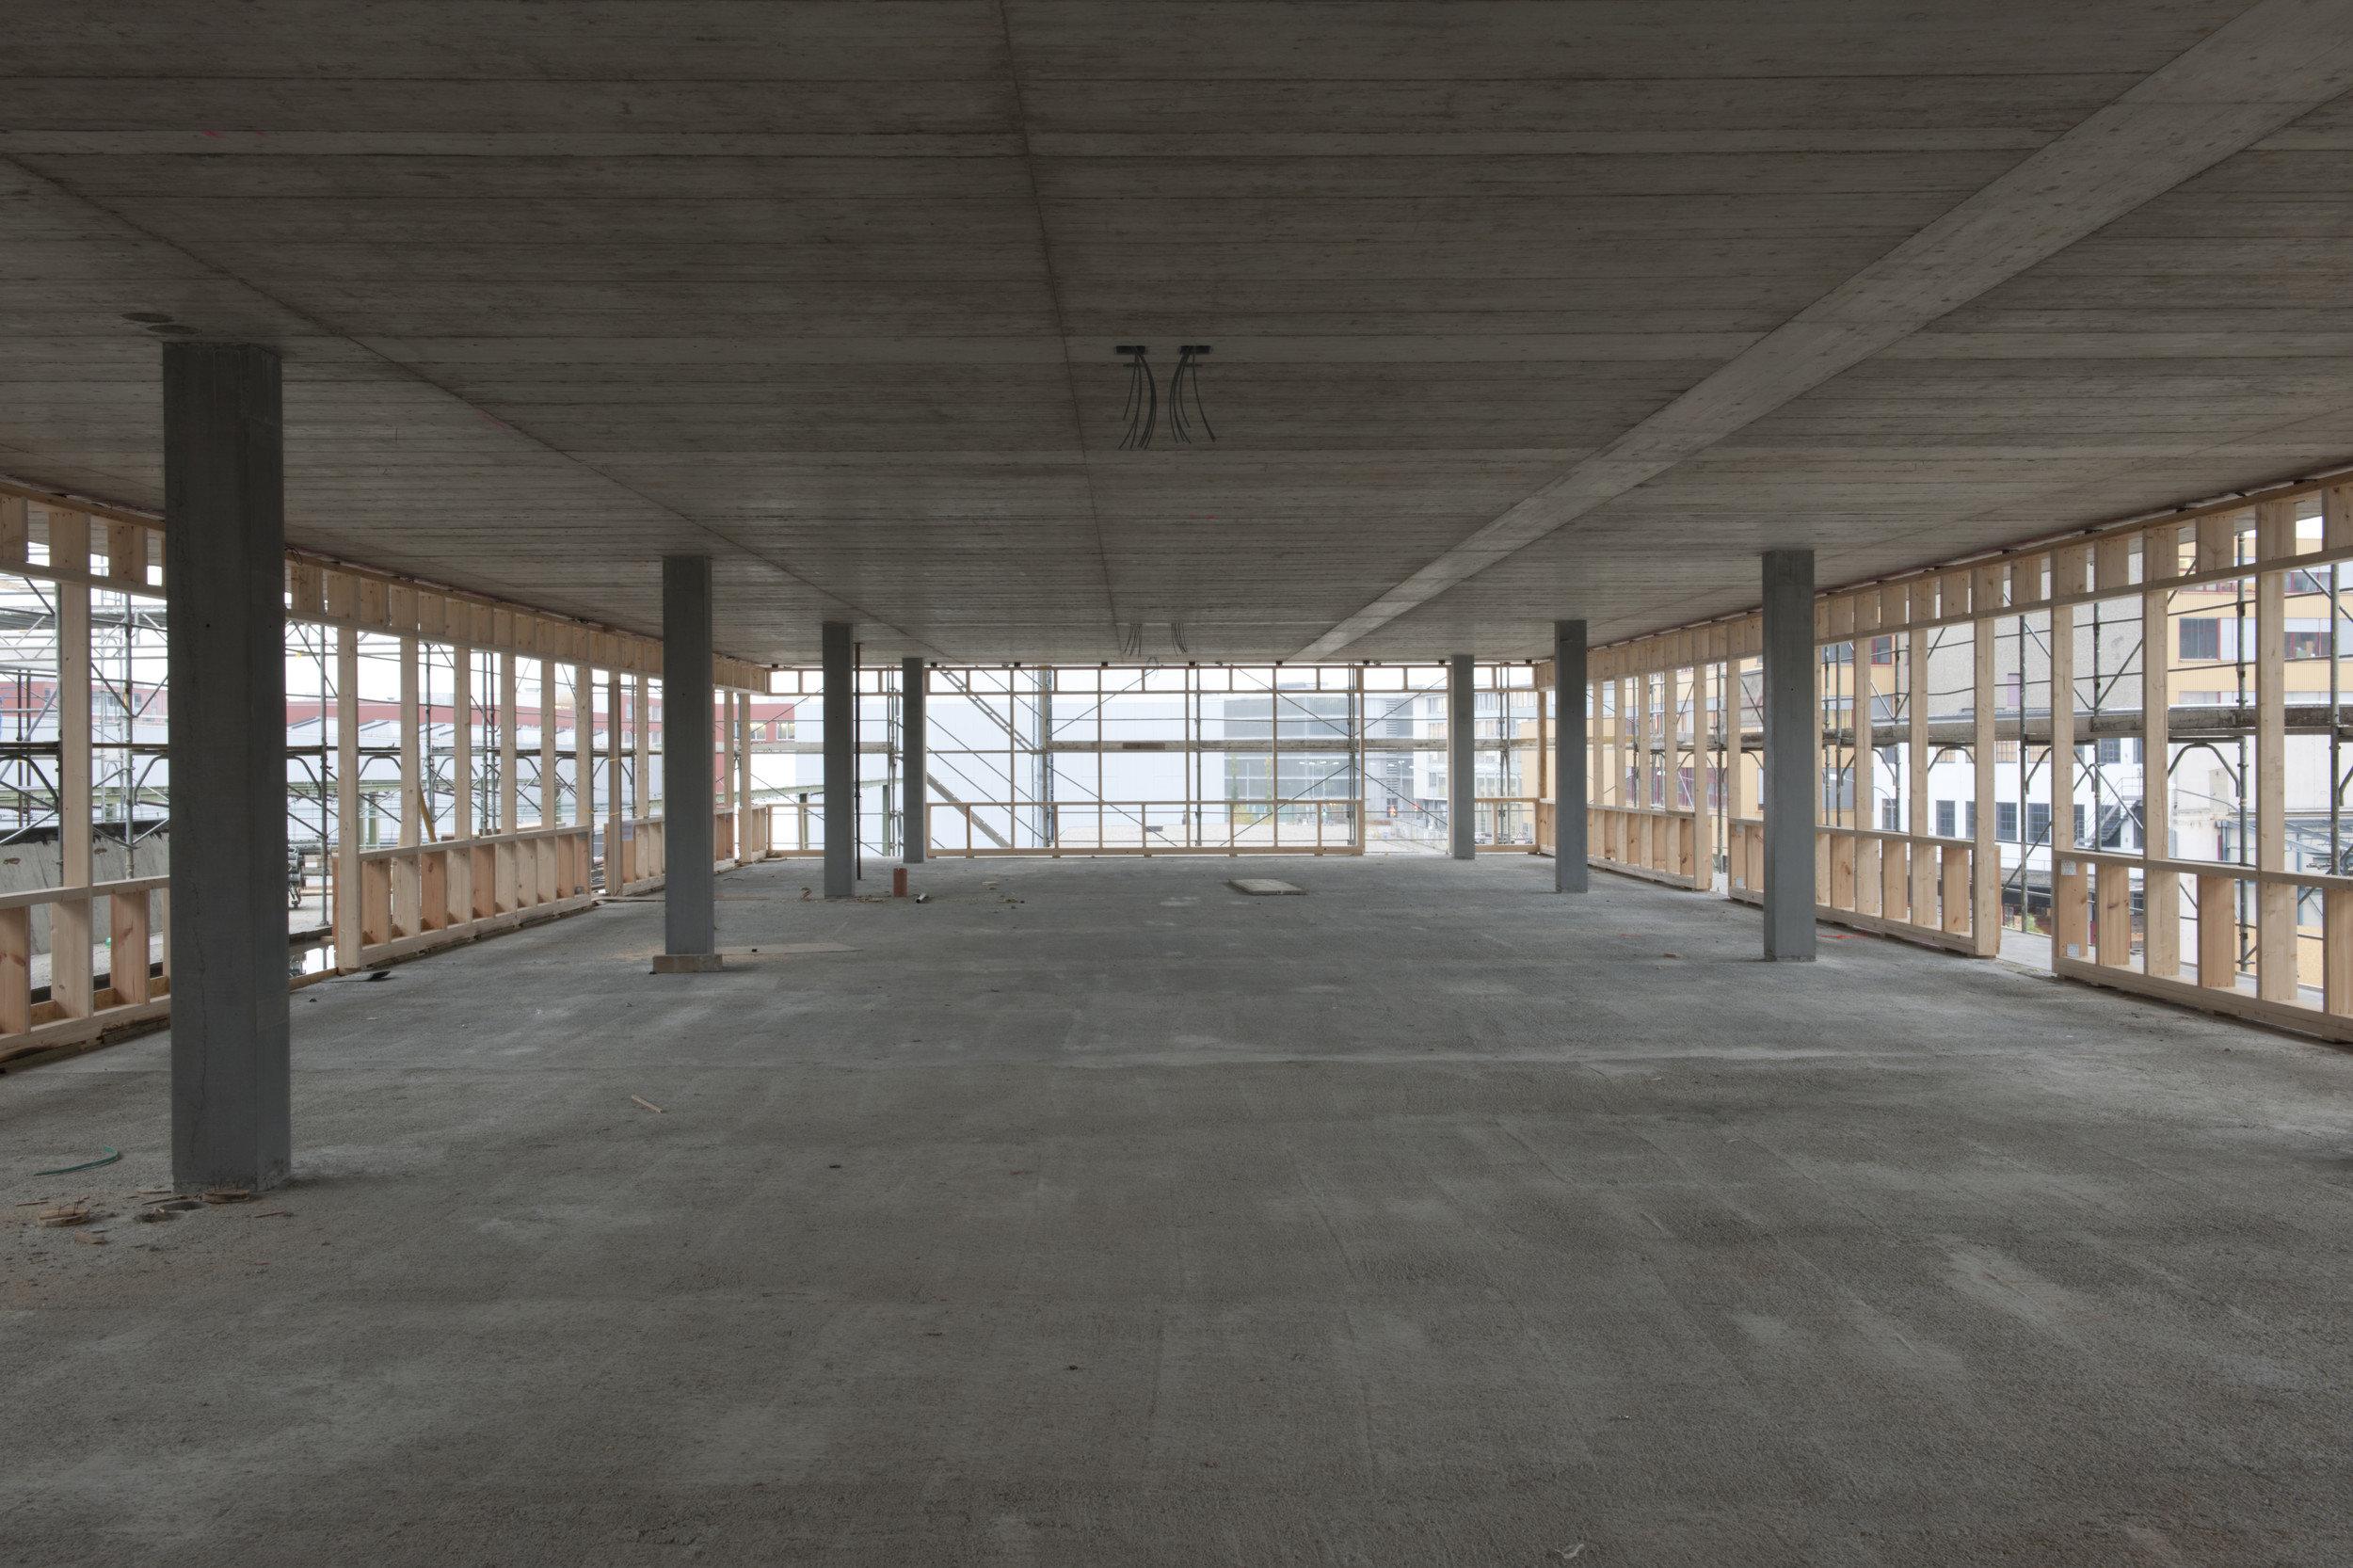 Gewerbehaus innen im Rohbau mit zementgebundene Holzfaserplatten